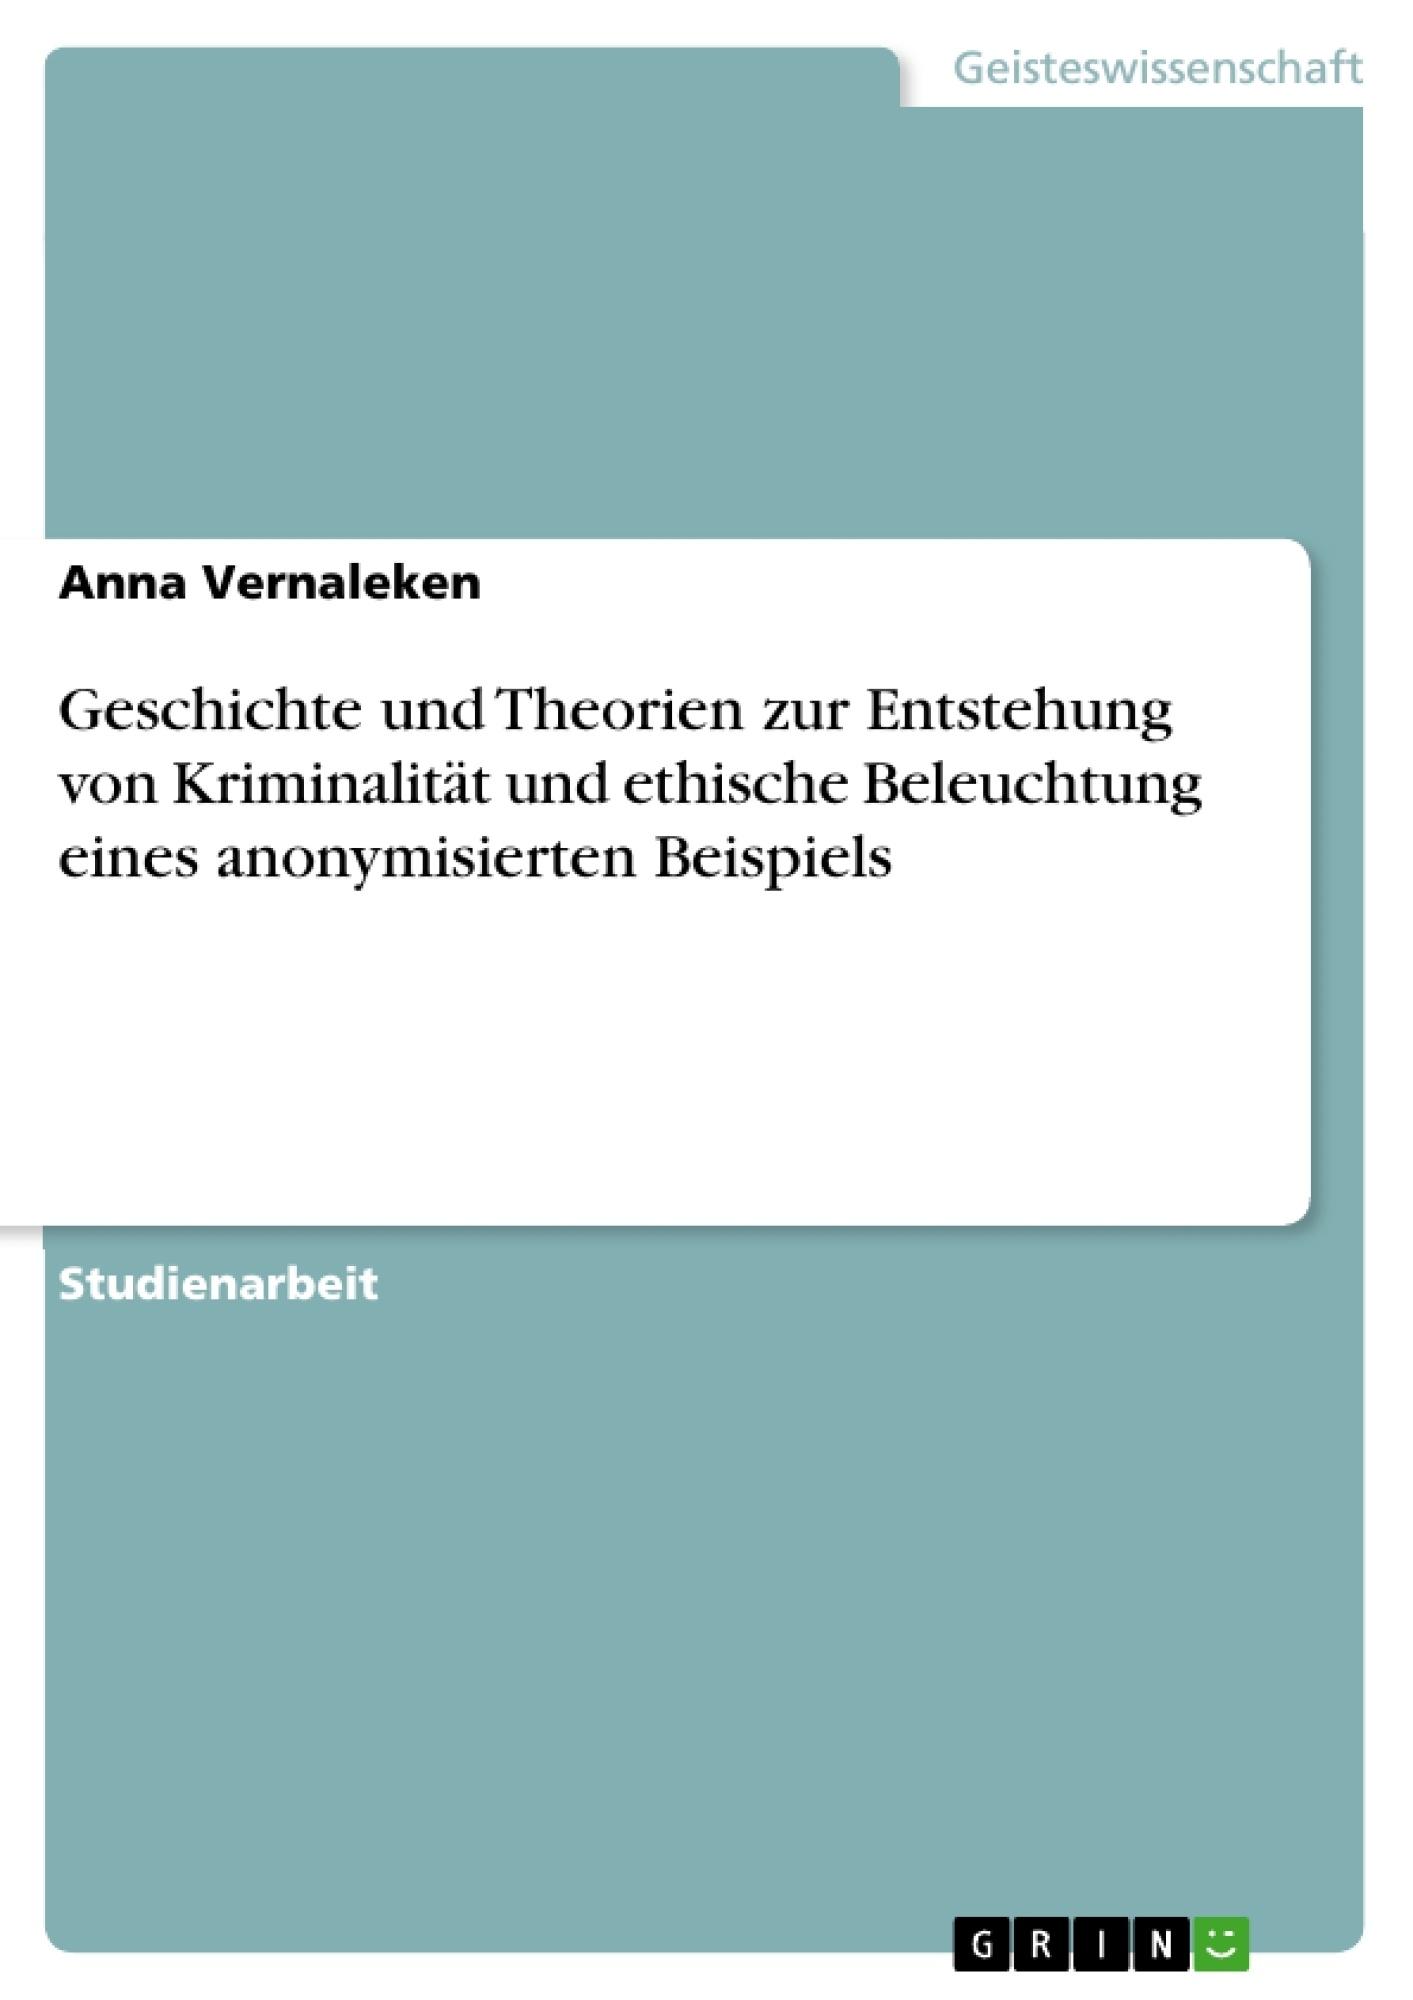 Titel: Geschichte und Theorien zur Entstehung von Kriminalität und ethische Beleuchtung eines anonymisierten Beispiels